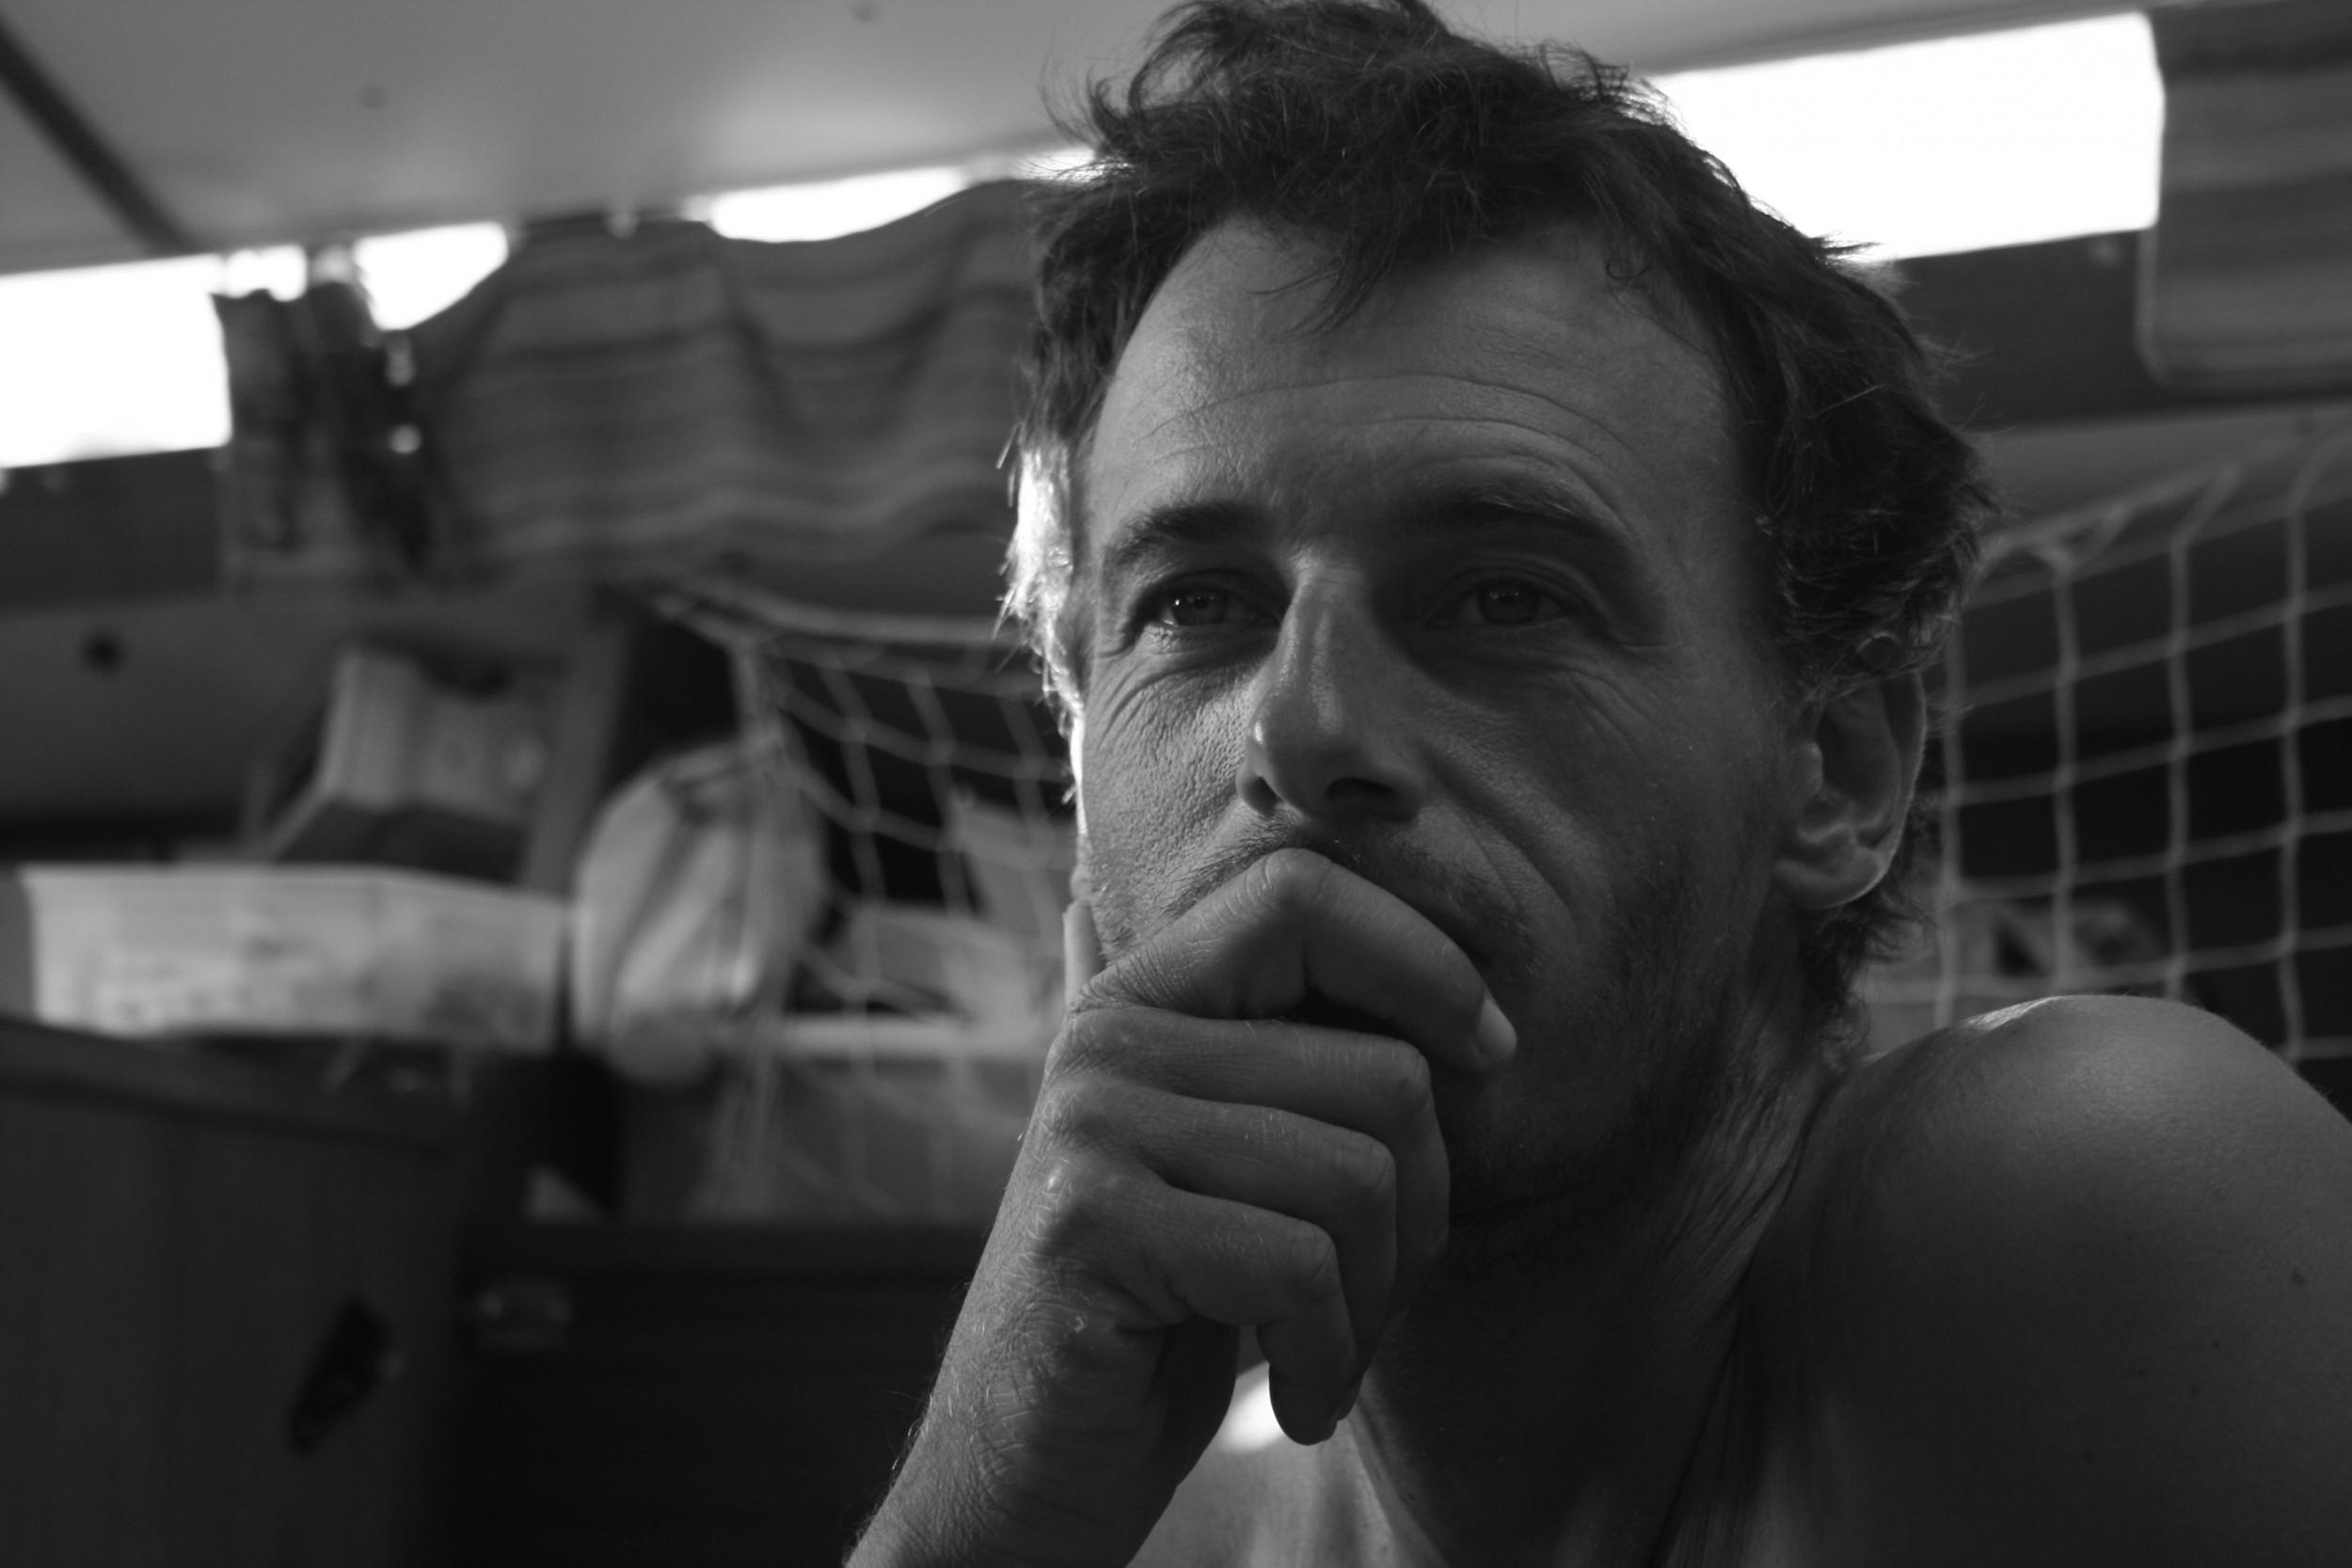 Portrait de Marco, skipper professionnel à la Rochelle. Diplômé d'un Brevet d'état, et passionné de voile, Marco vous apprendra à naviguer dans les îles du Perthuis.